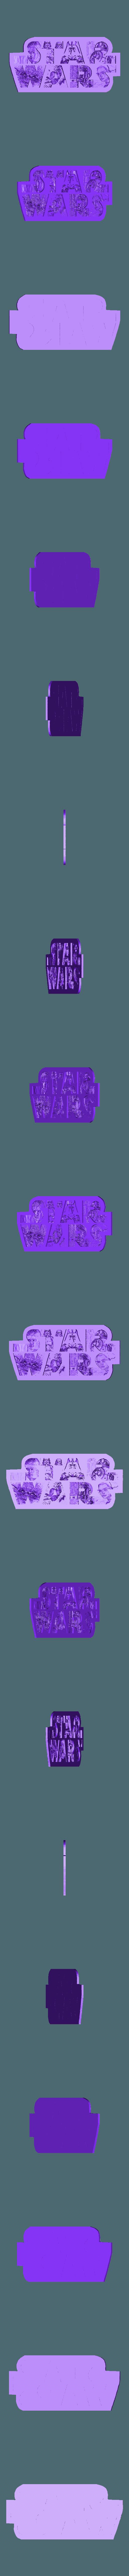 logo_star_warsv4.stl Télécharger fichier STL gratuit Placa Star Wars • Plan pour impression 3D, 3dlito